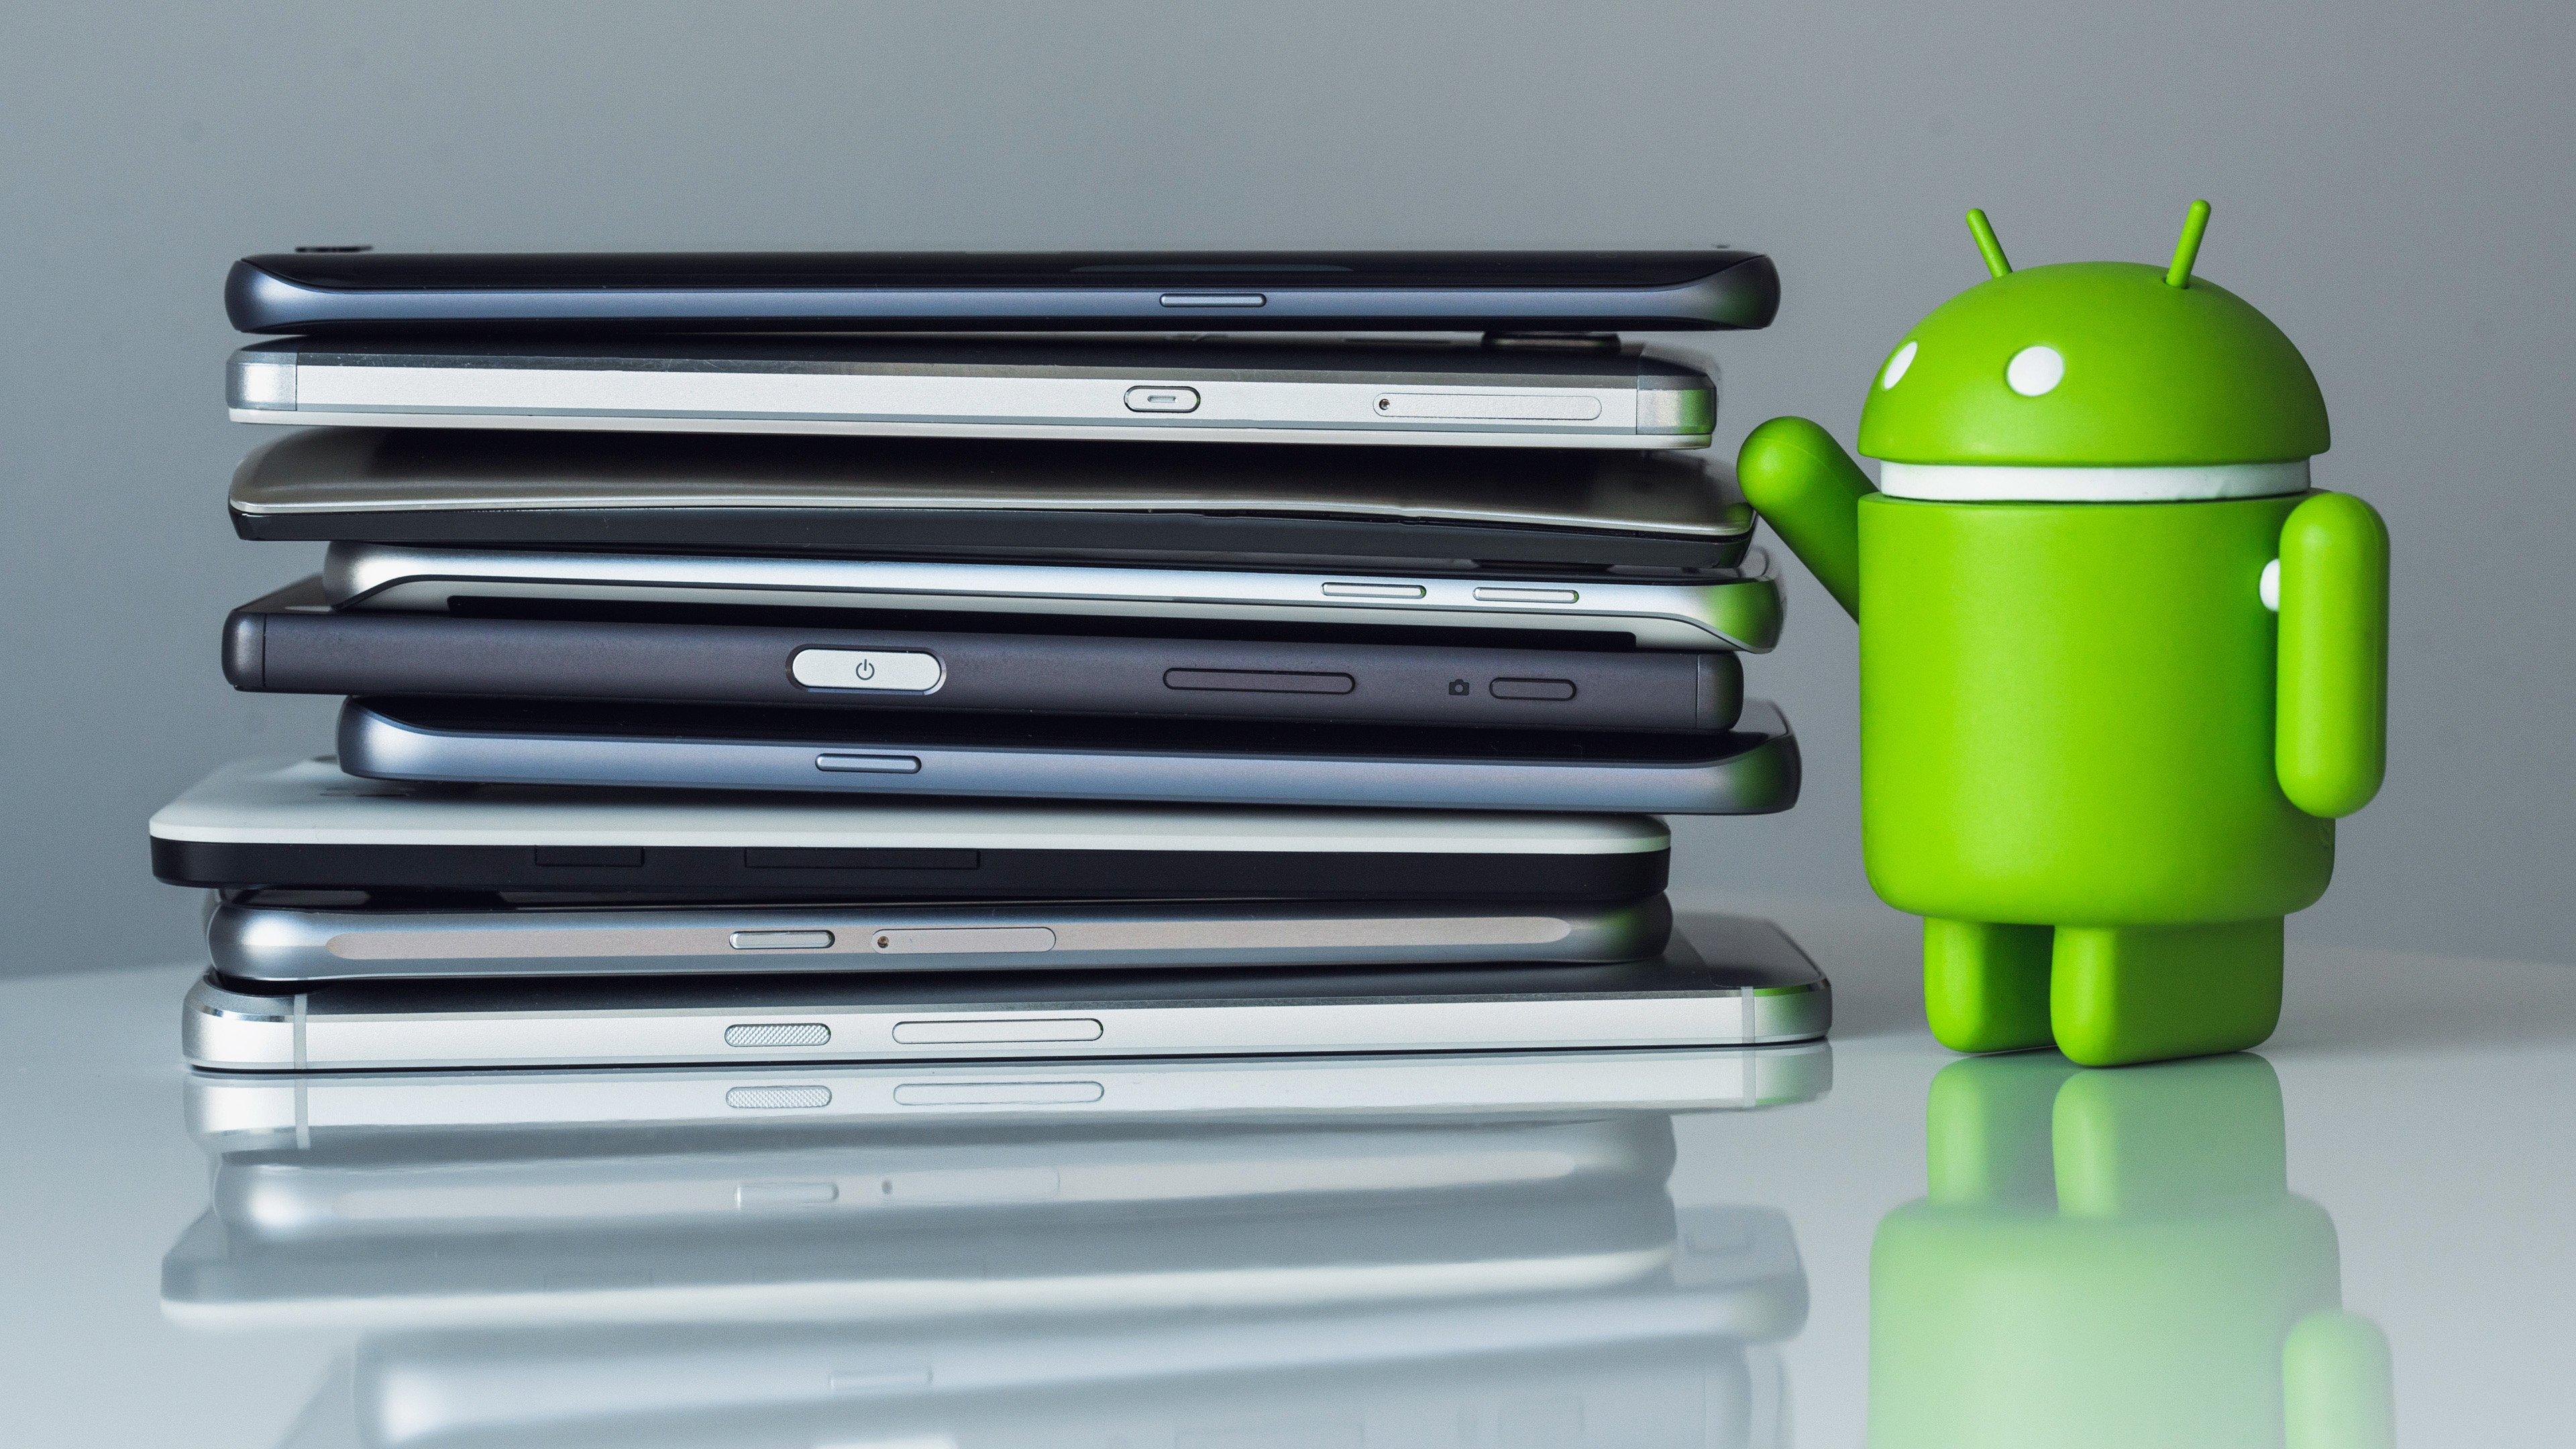 les meilleurs smartphones android  u00e0 moins de 100 euros